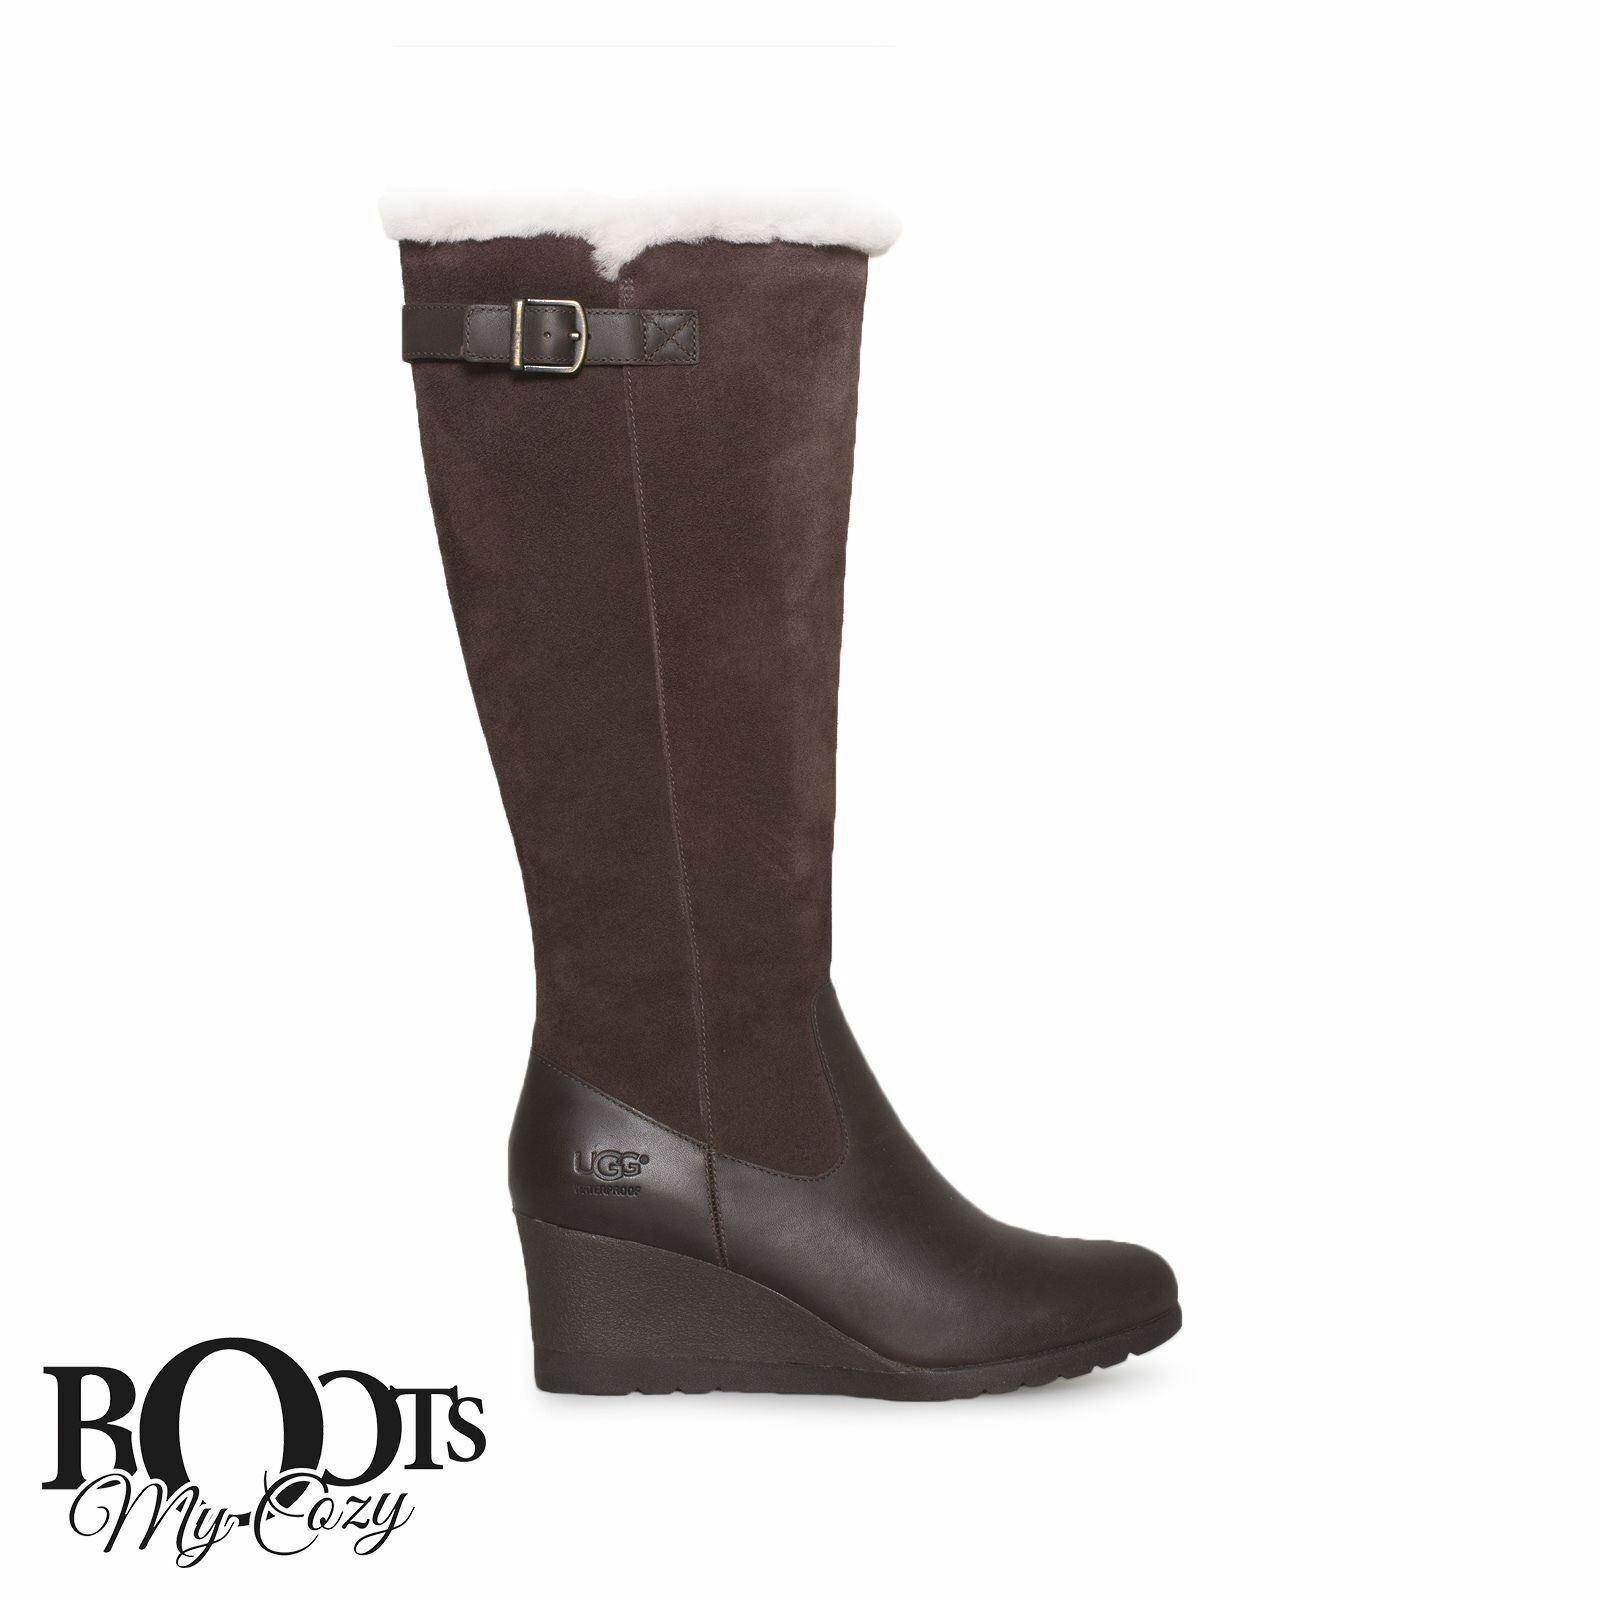 685a25ba744 UGG Mischa Stout Suede Sheepskin Tall Wedge Zip BOOTS Size US 8/uk 6.5/eu 39